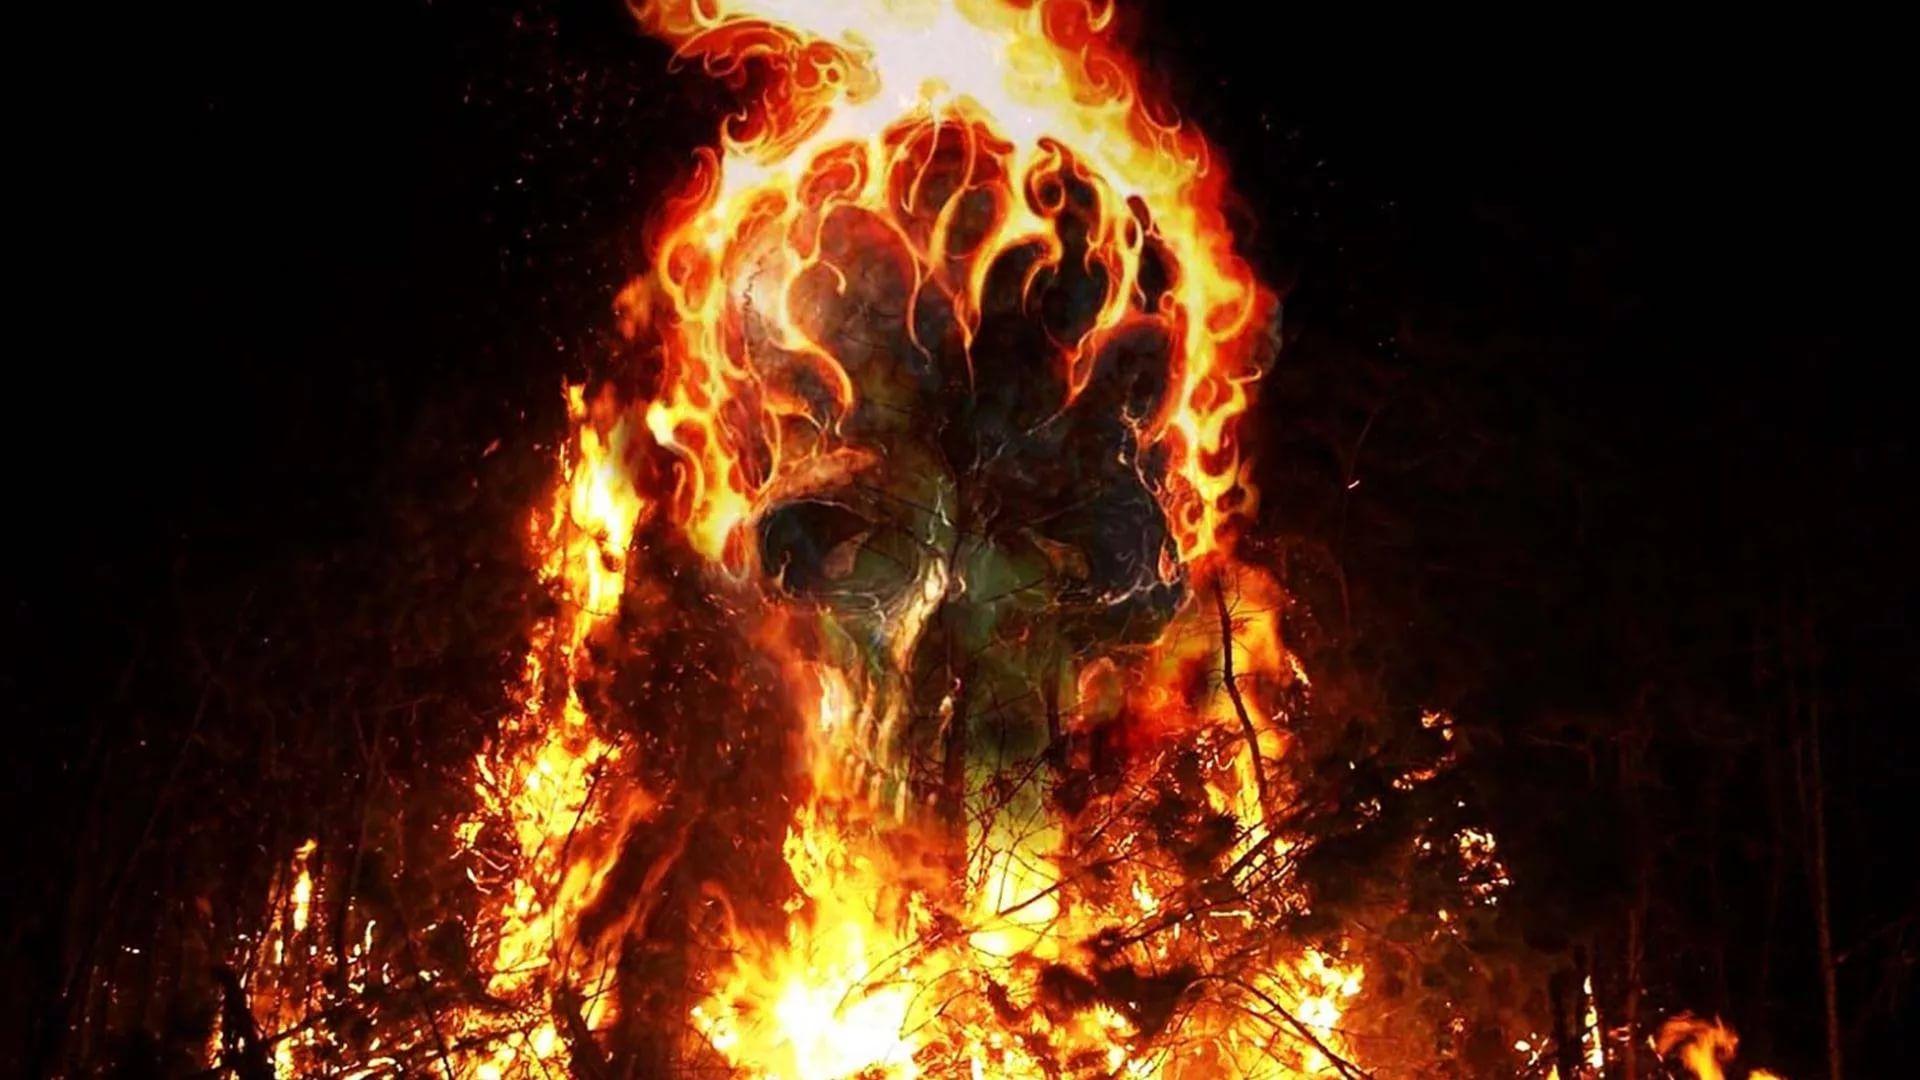 Flaming Skull PC Wallpaper HD